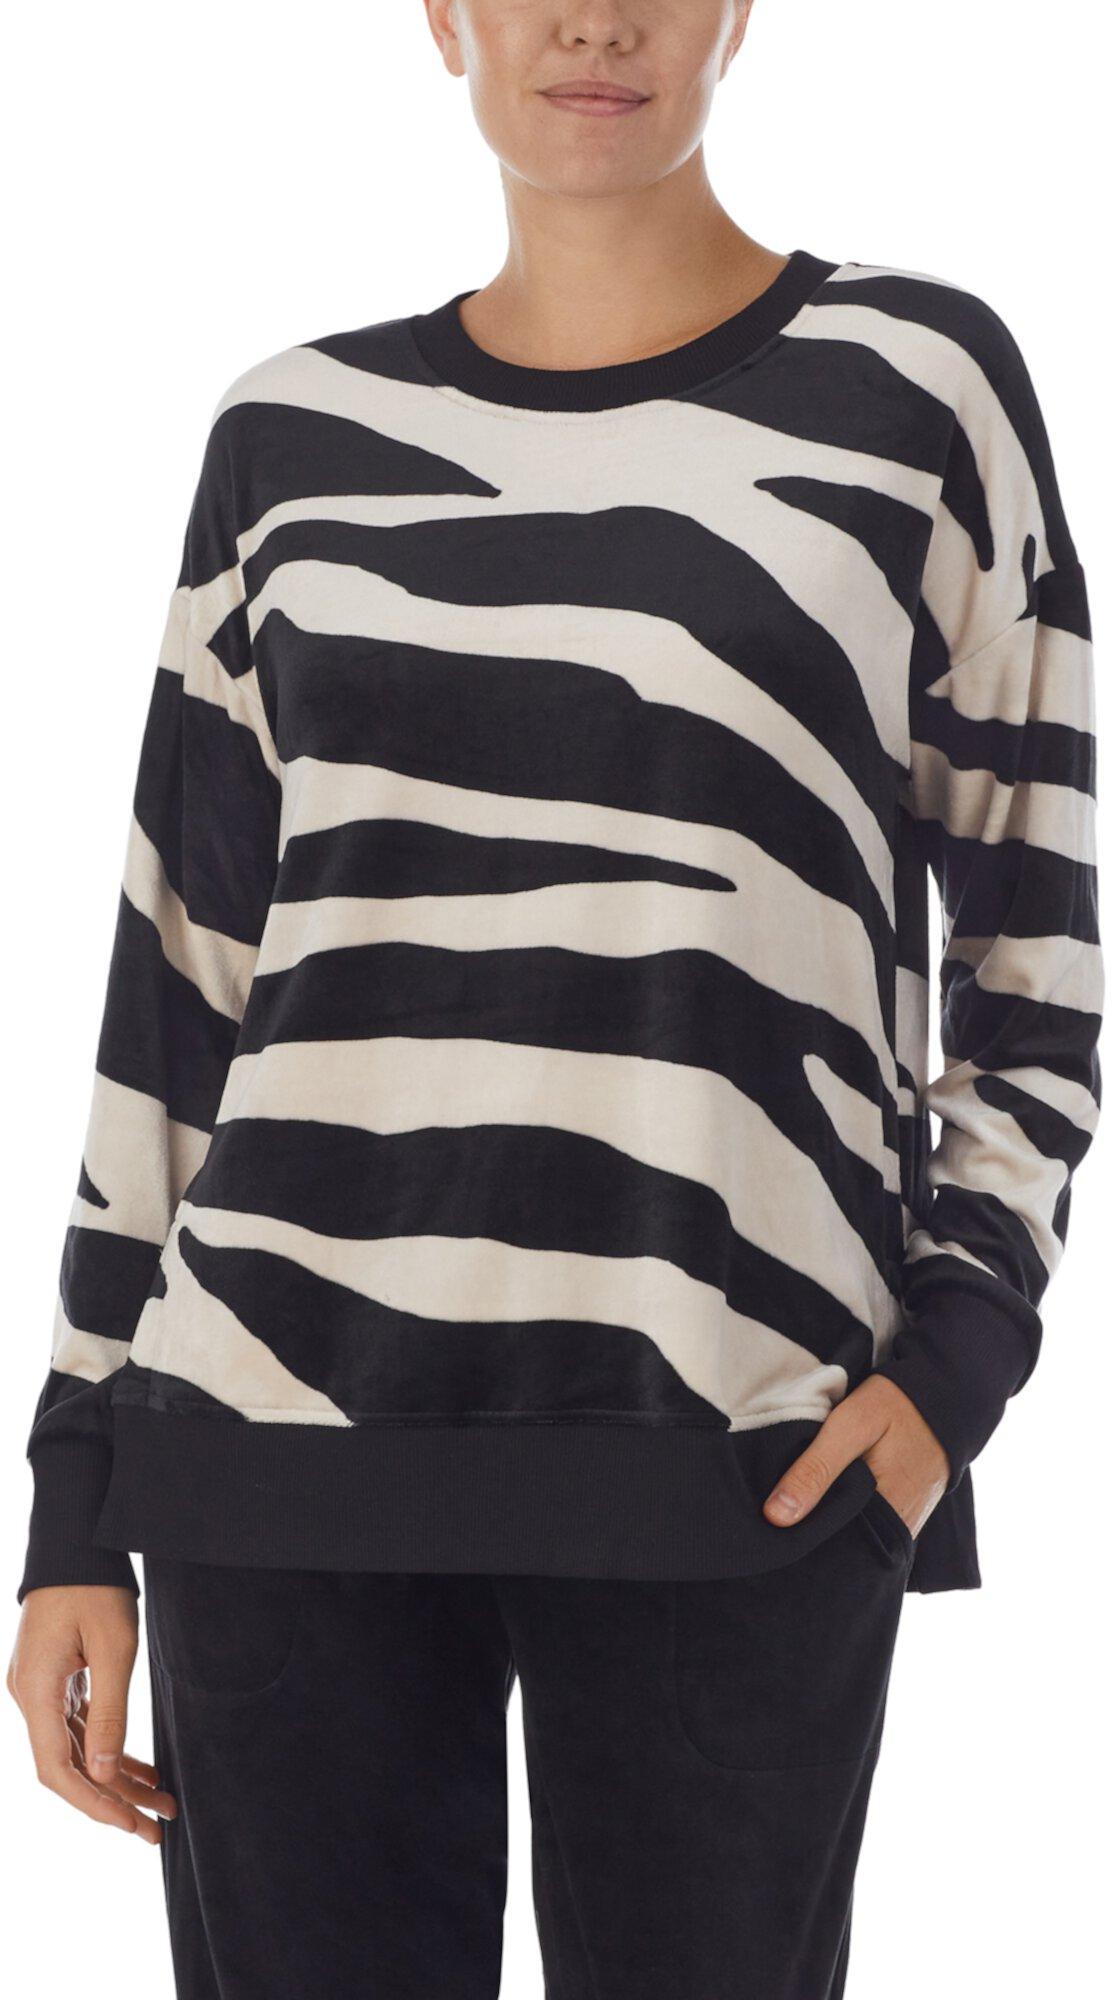 Пижамный топ с длинным рукавом для сна Donna Karan